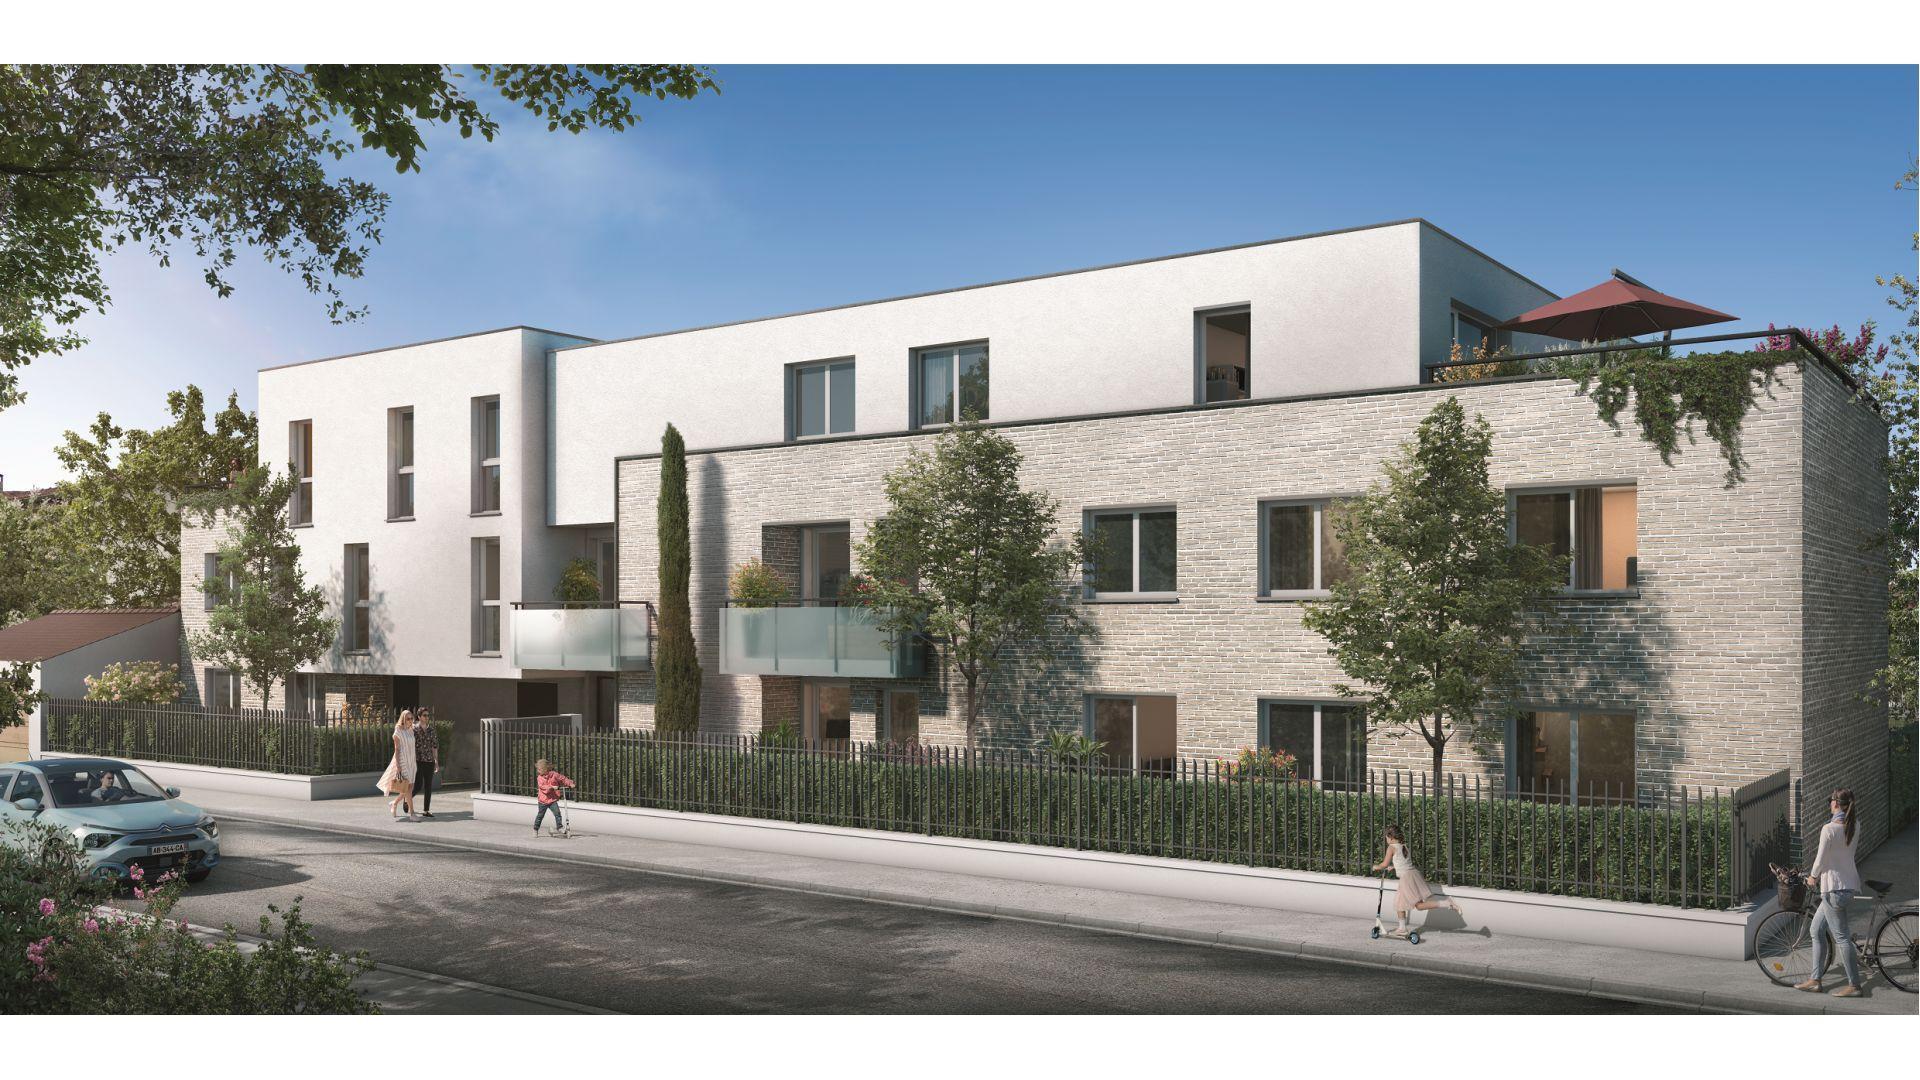 Greencity Immobilier - Résidence Sweet Garden - 31200 Toulouse Bonnefoy - appartements et villas du T2 au T4